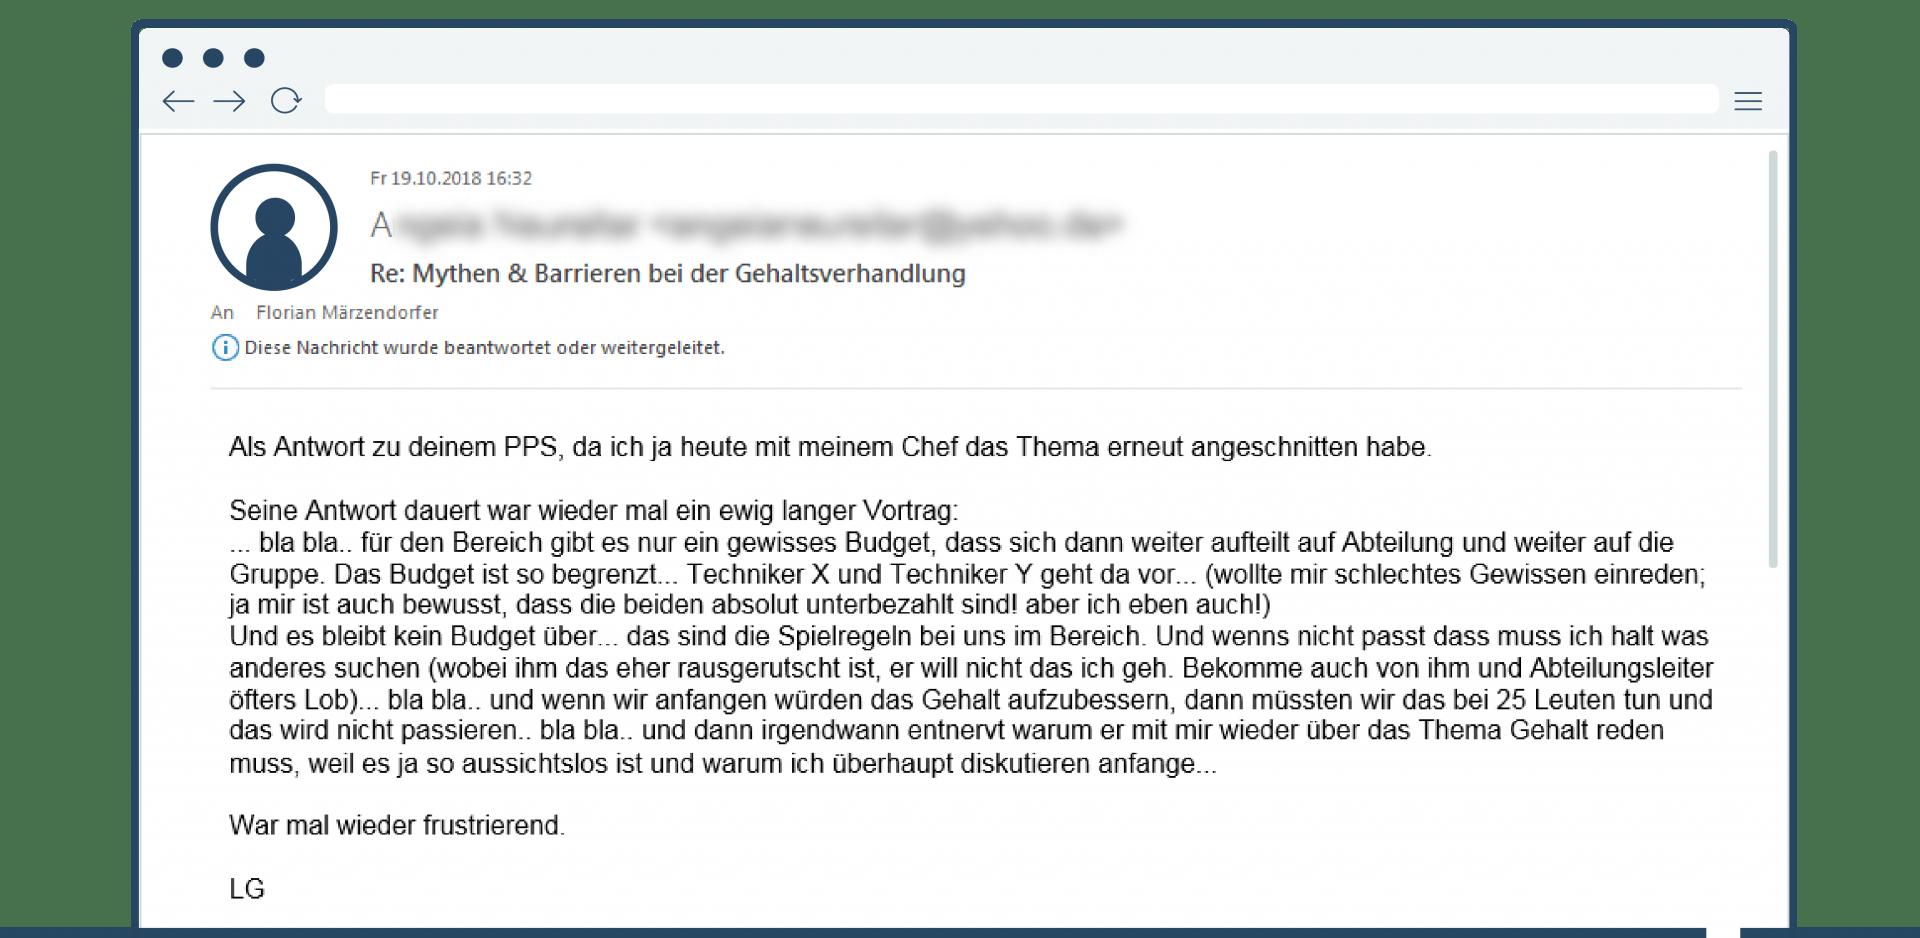 Mail Klientin keine Gehaltserhöhung